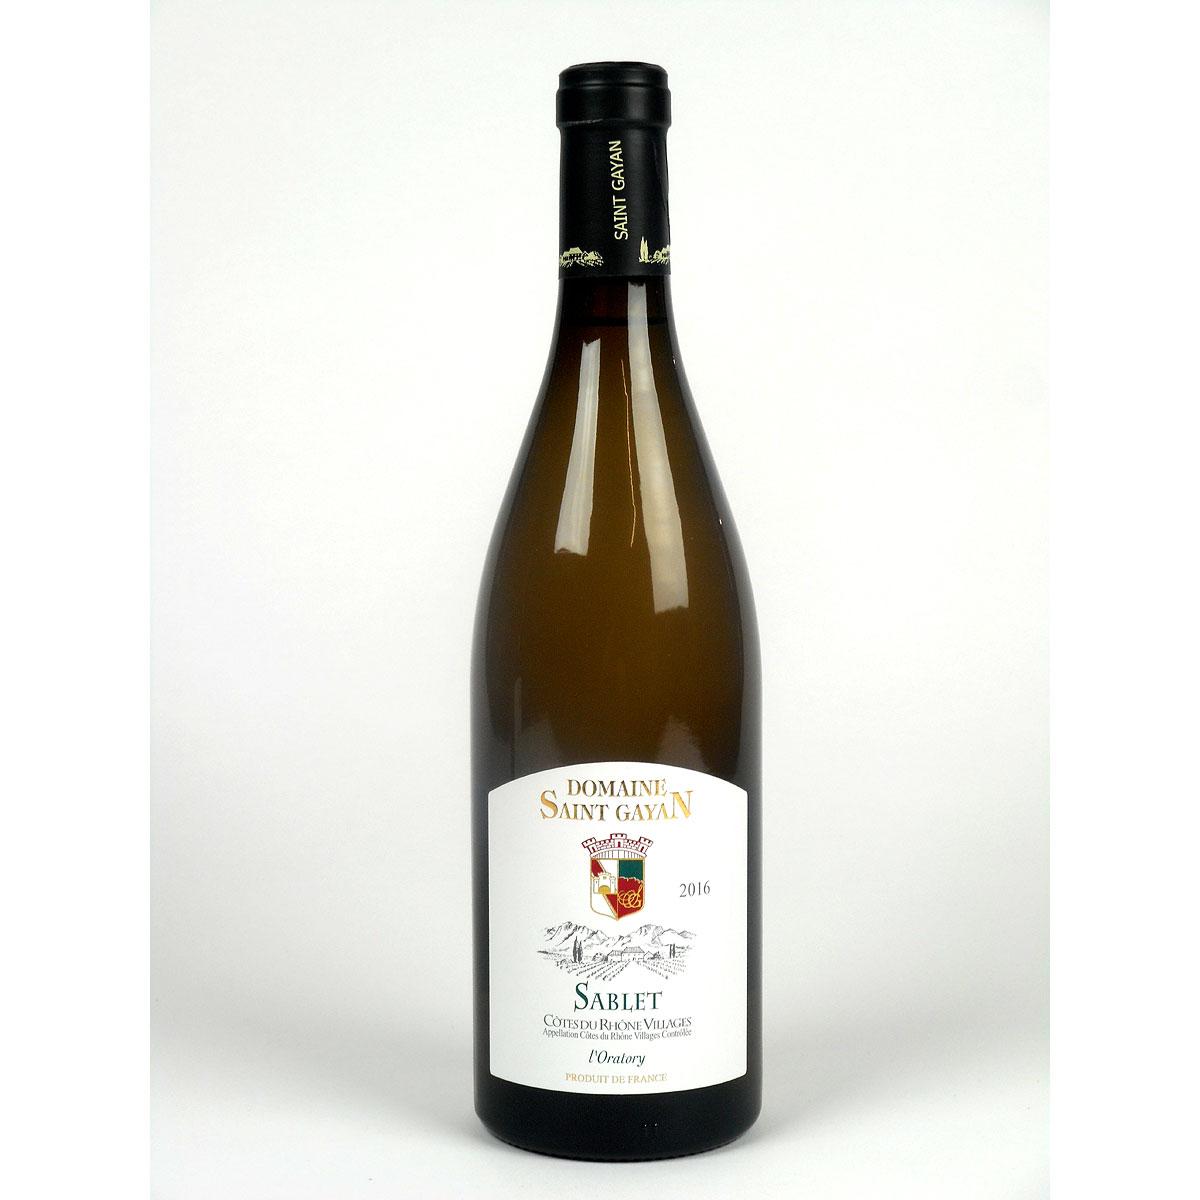 Côtes du Rhône Villages Sablet: Domaine Saint Gayan 2016 - Bottle